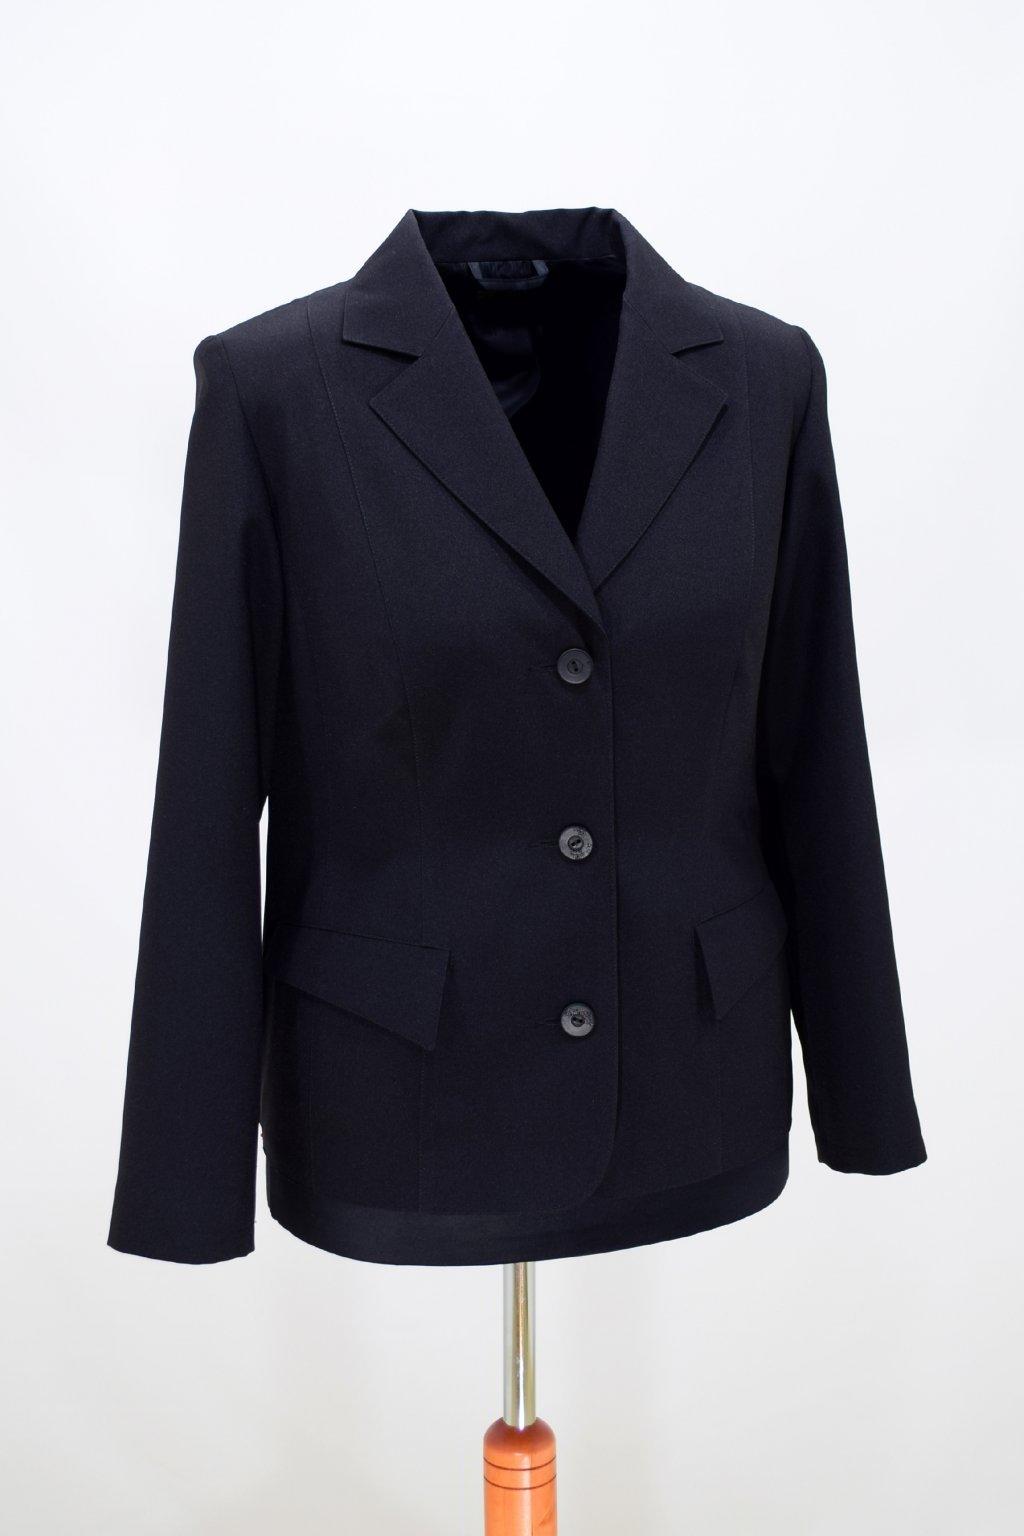 Dámské černé sako Manon.